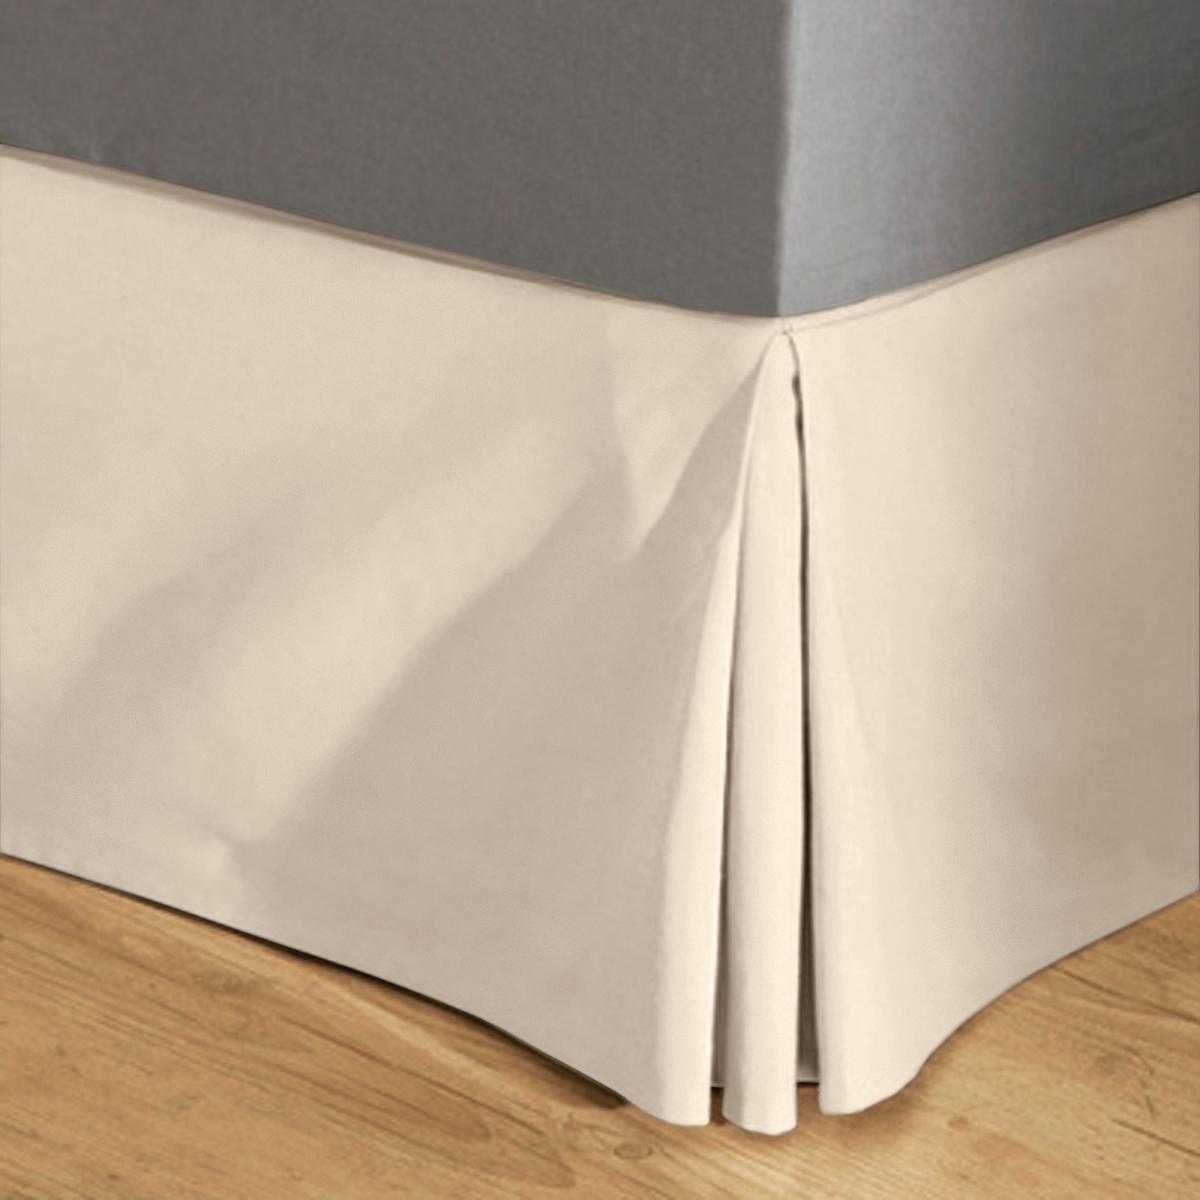 НаматрасникНаматрасник выполнен в очень модных цветах. Характеристики наматрасника:  Наматрасник из полотна, 80% хлопка, 20% полиэстера, окрашен в очень модные цвета. Высота боковых клапанов 28 см. Отделка: 2 угла со встречными складками.Юбка закрывает 3 стороны.Стирка при 40°.<br><br>Цвет: бежевый,серо-коричневый каштан,серый жемчужный,серый,экрю<br>Размер: 120 x 190  см.140 x 190  см.140 x 190  см.140 x 190  см.160 x 200  см.160 x 200  см.90 x 190  см.90 x 190  см.90 x 190  см